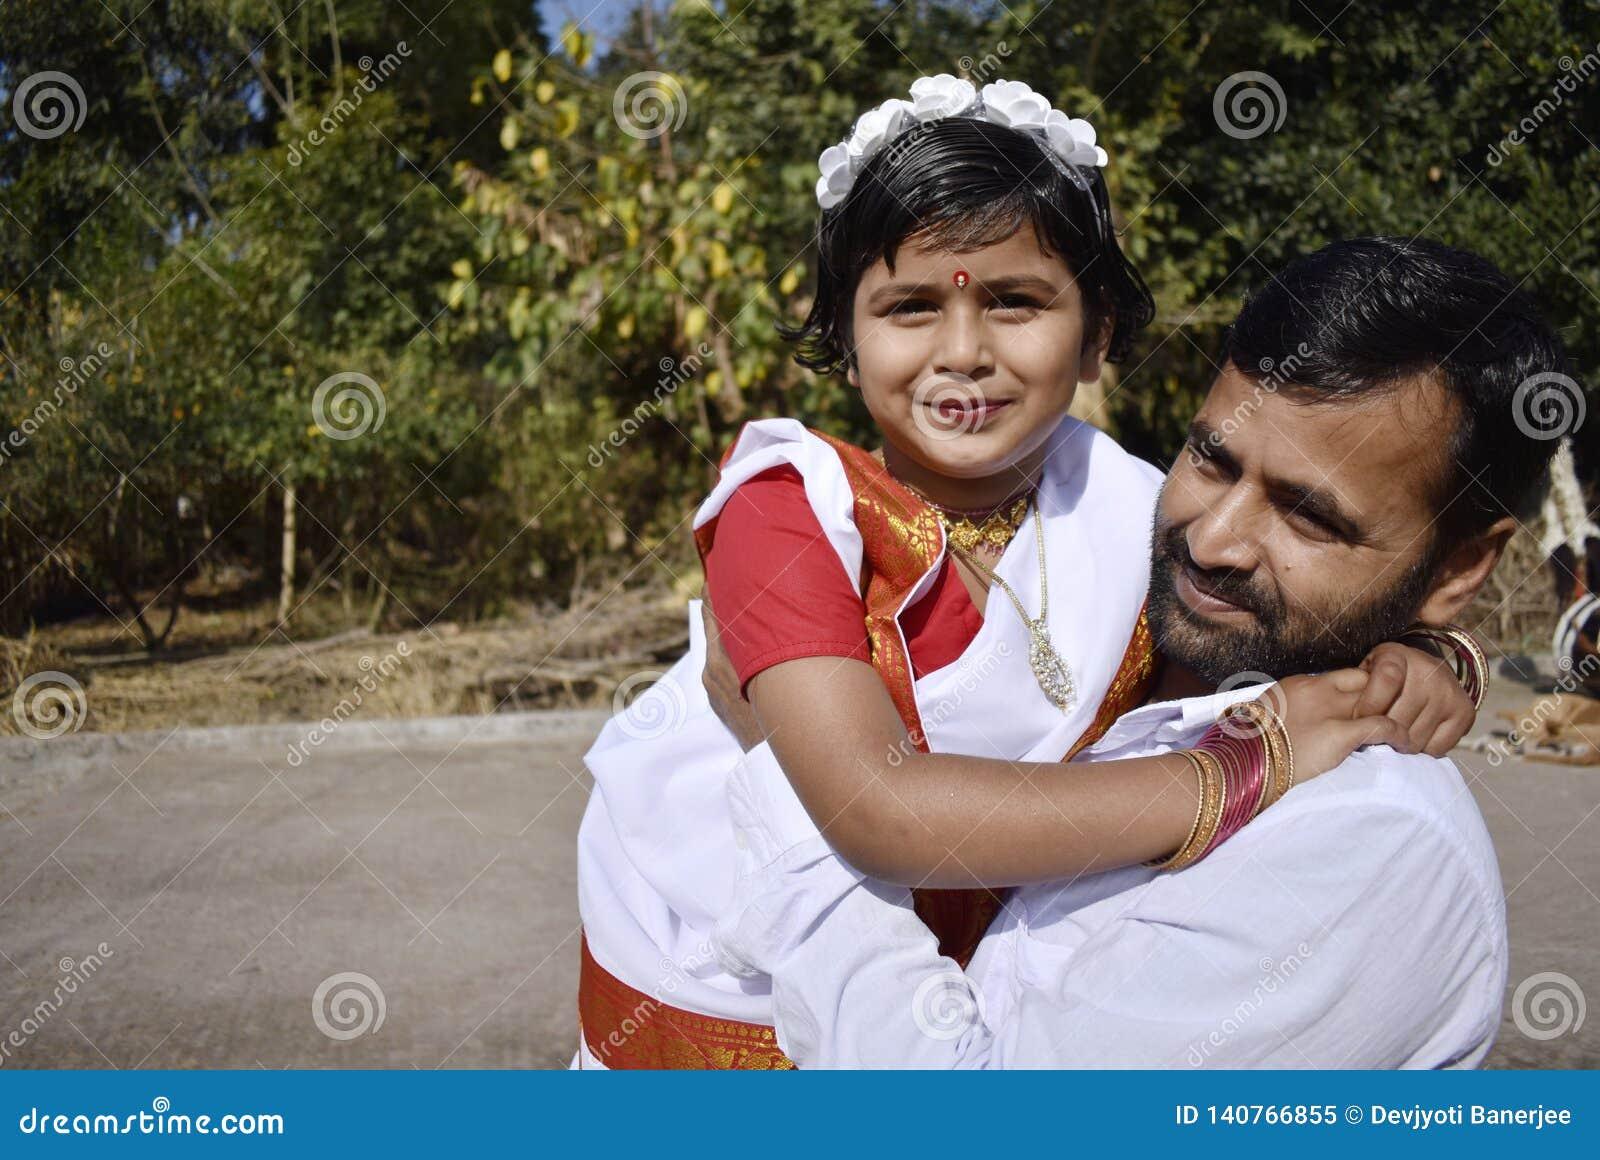 Un père fier avec sa fille